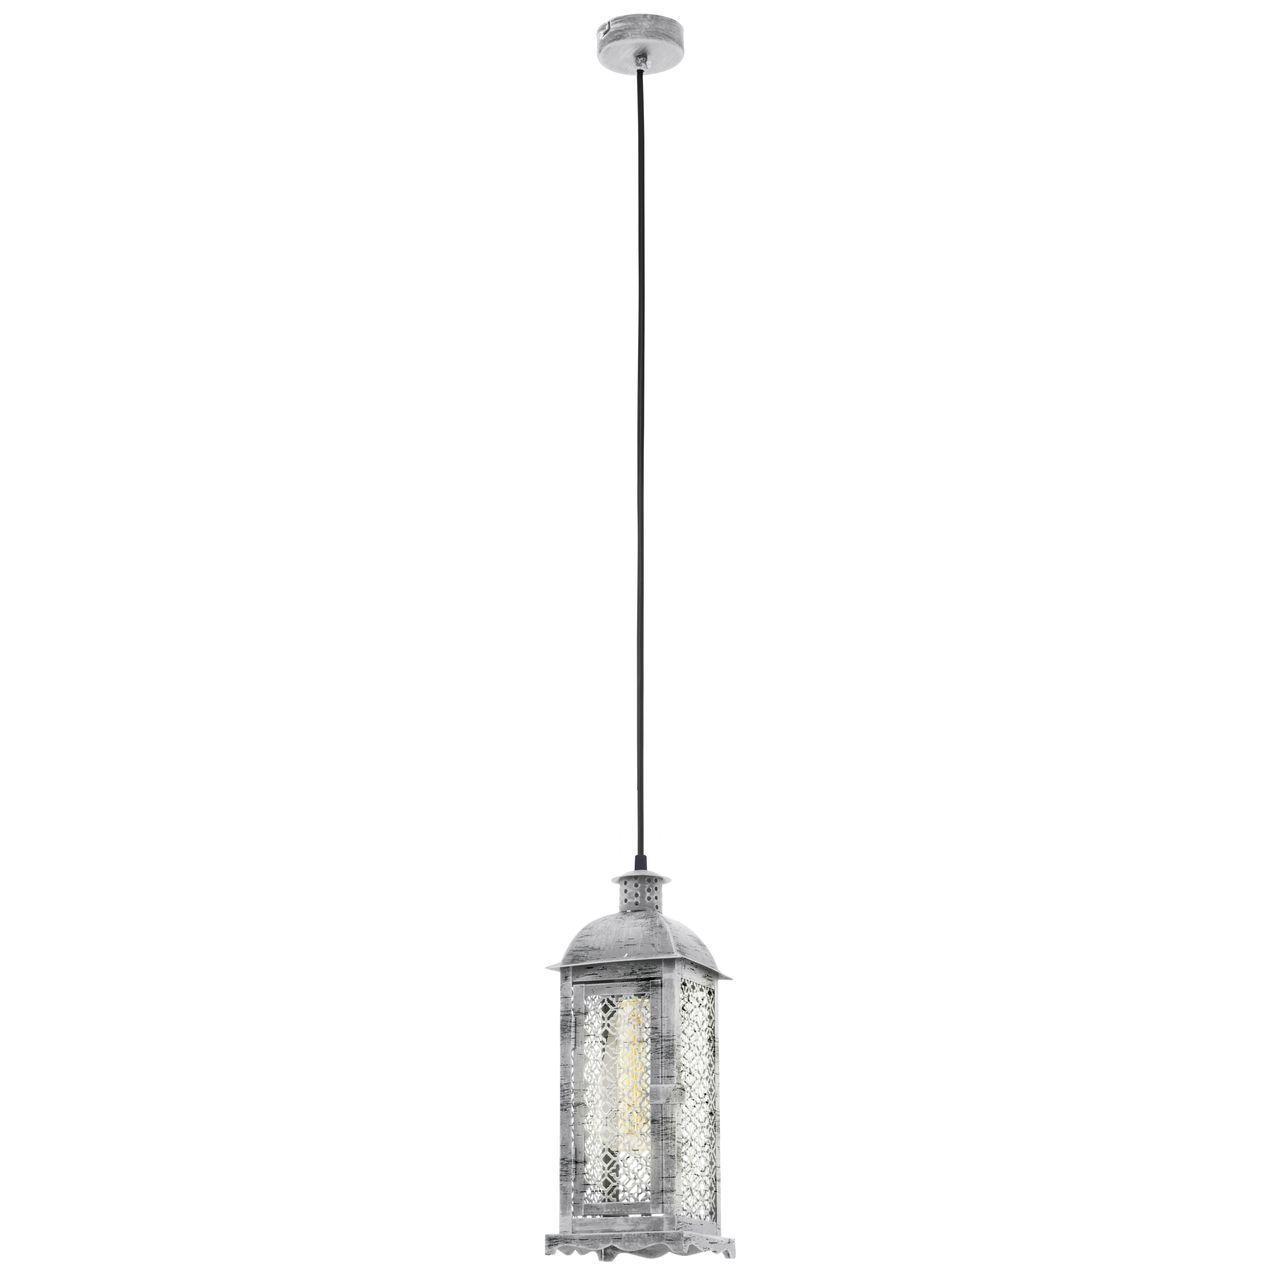 Подвесной светильник Eglo Vintage 49216 подвесной светильник eglo vintage 49214